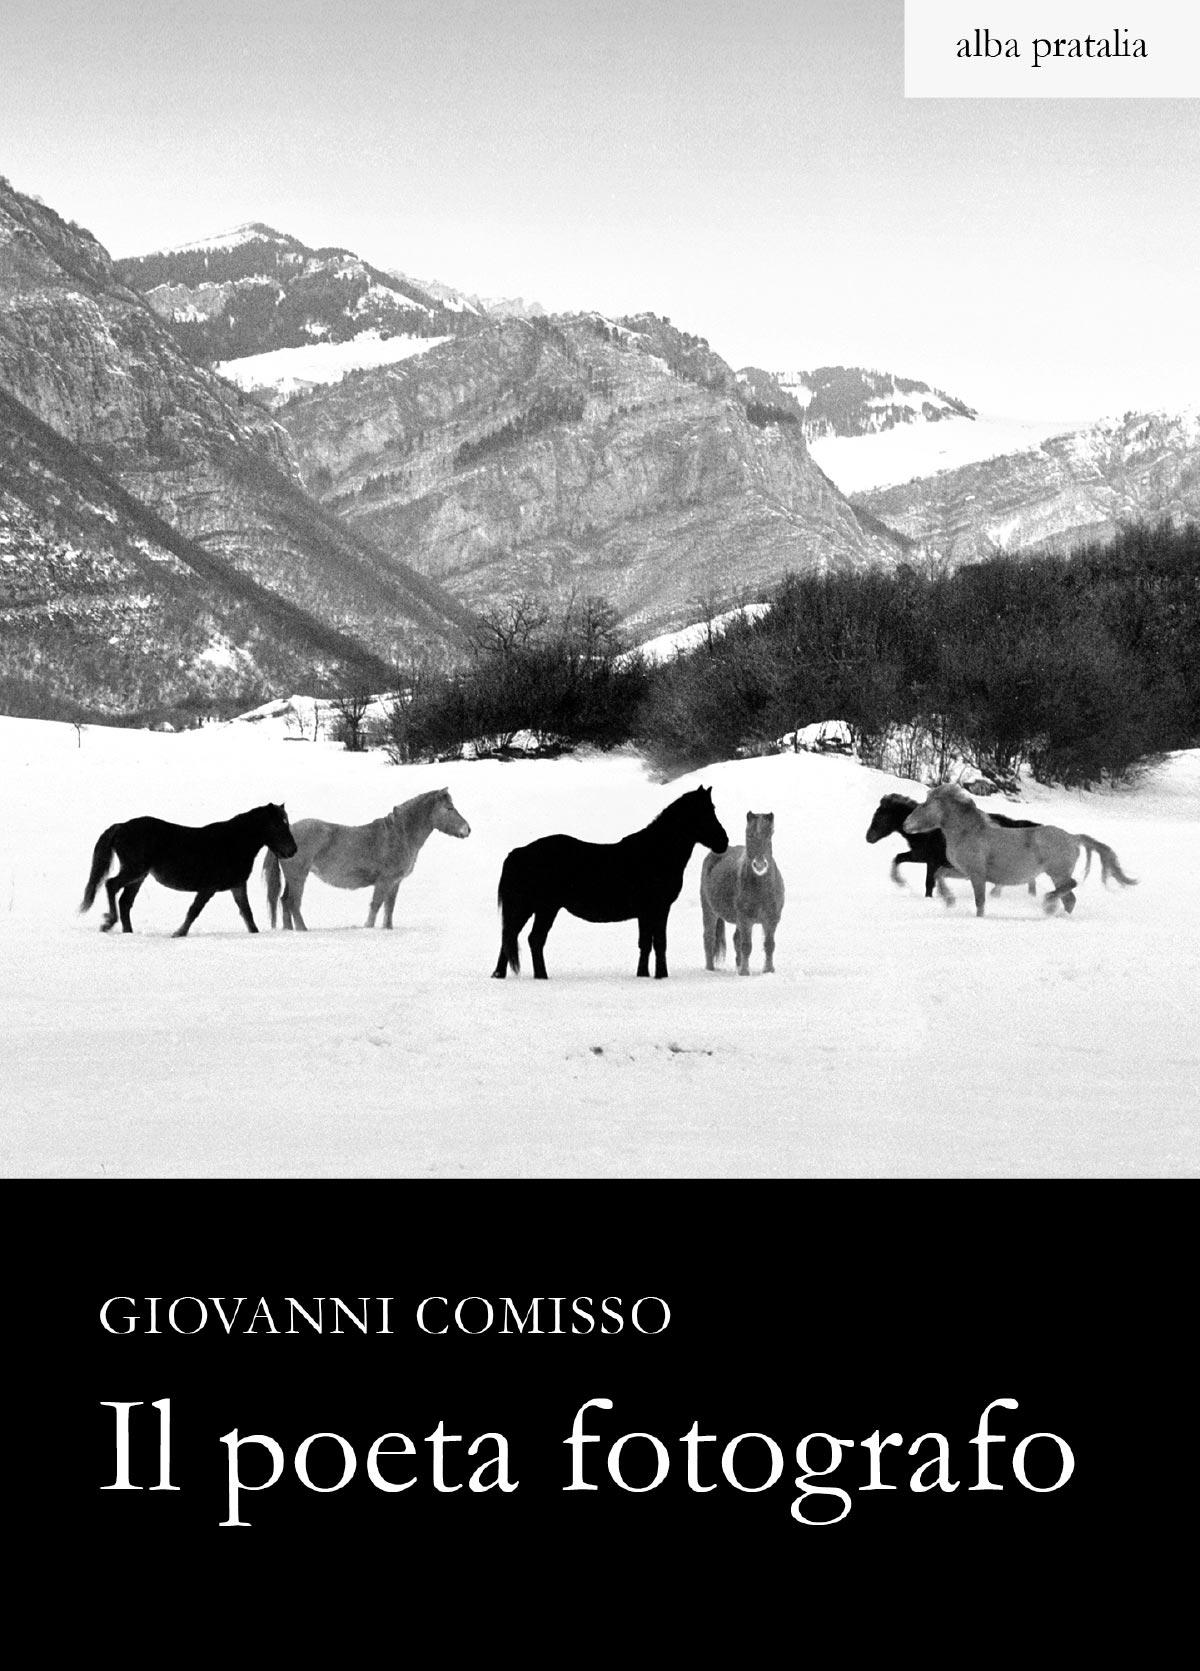 Il poeta fotografo Giovanni Comisso